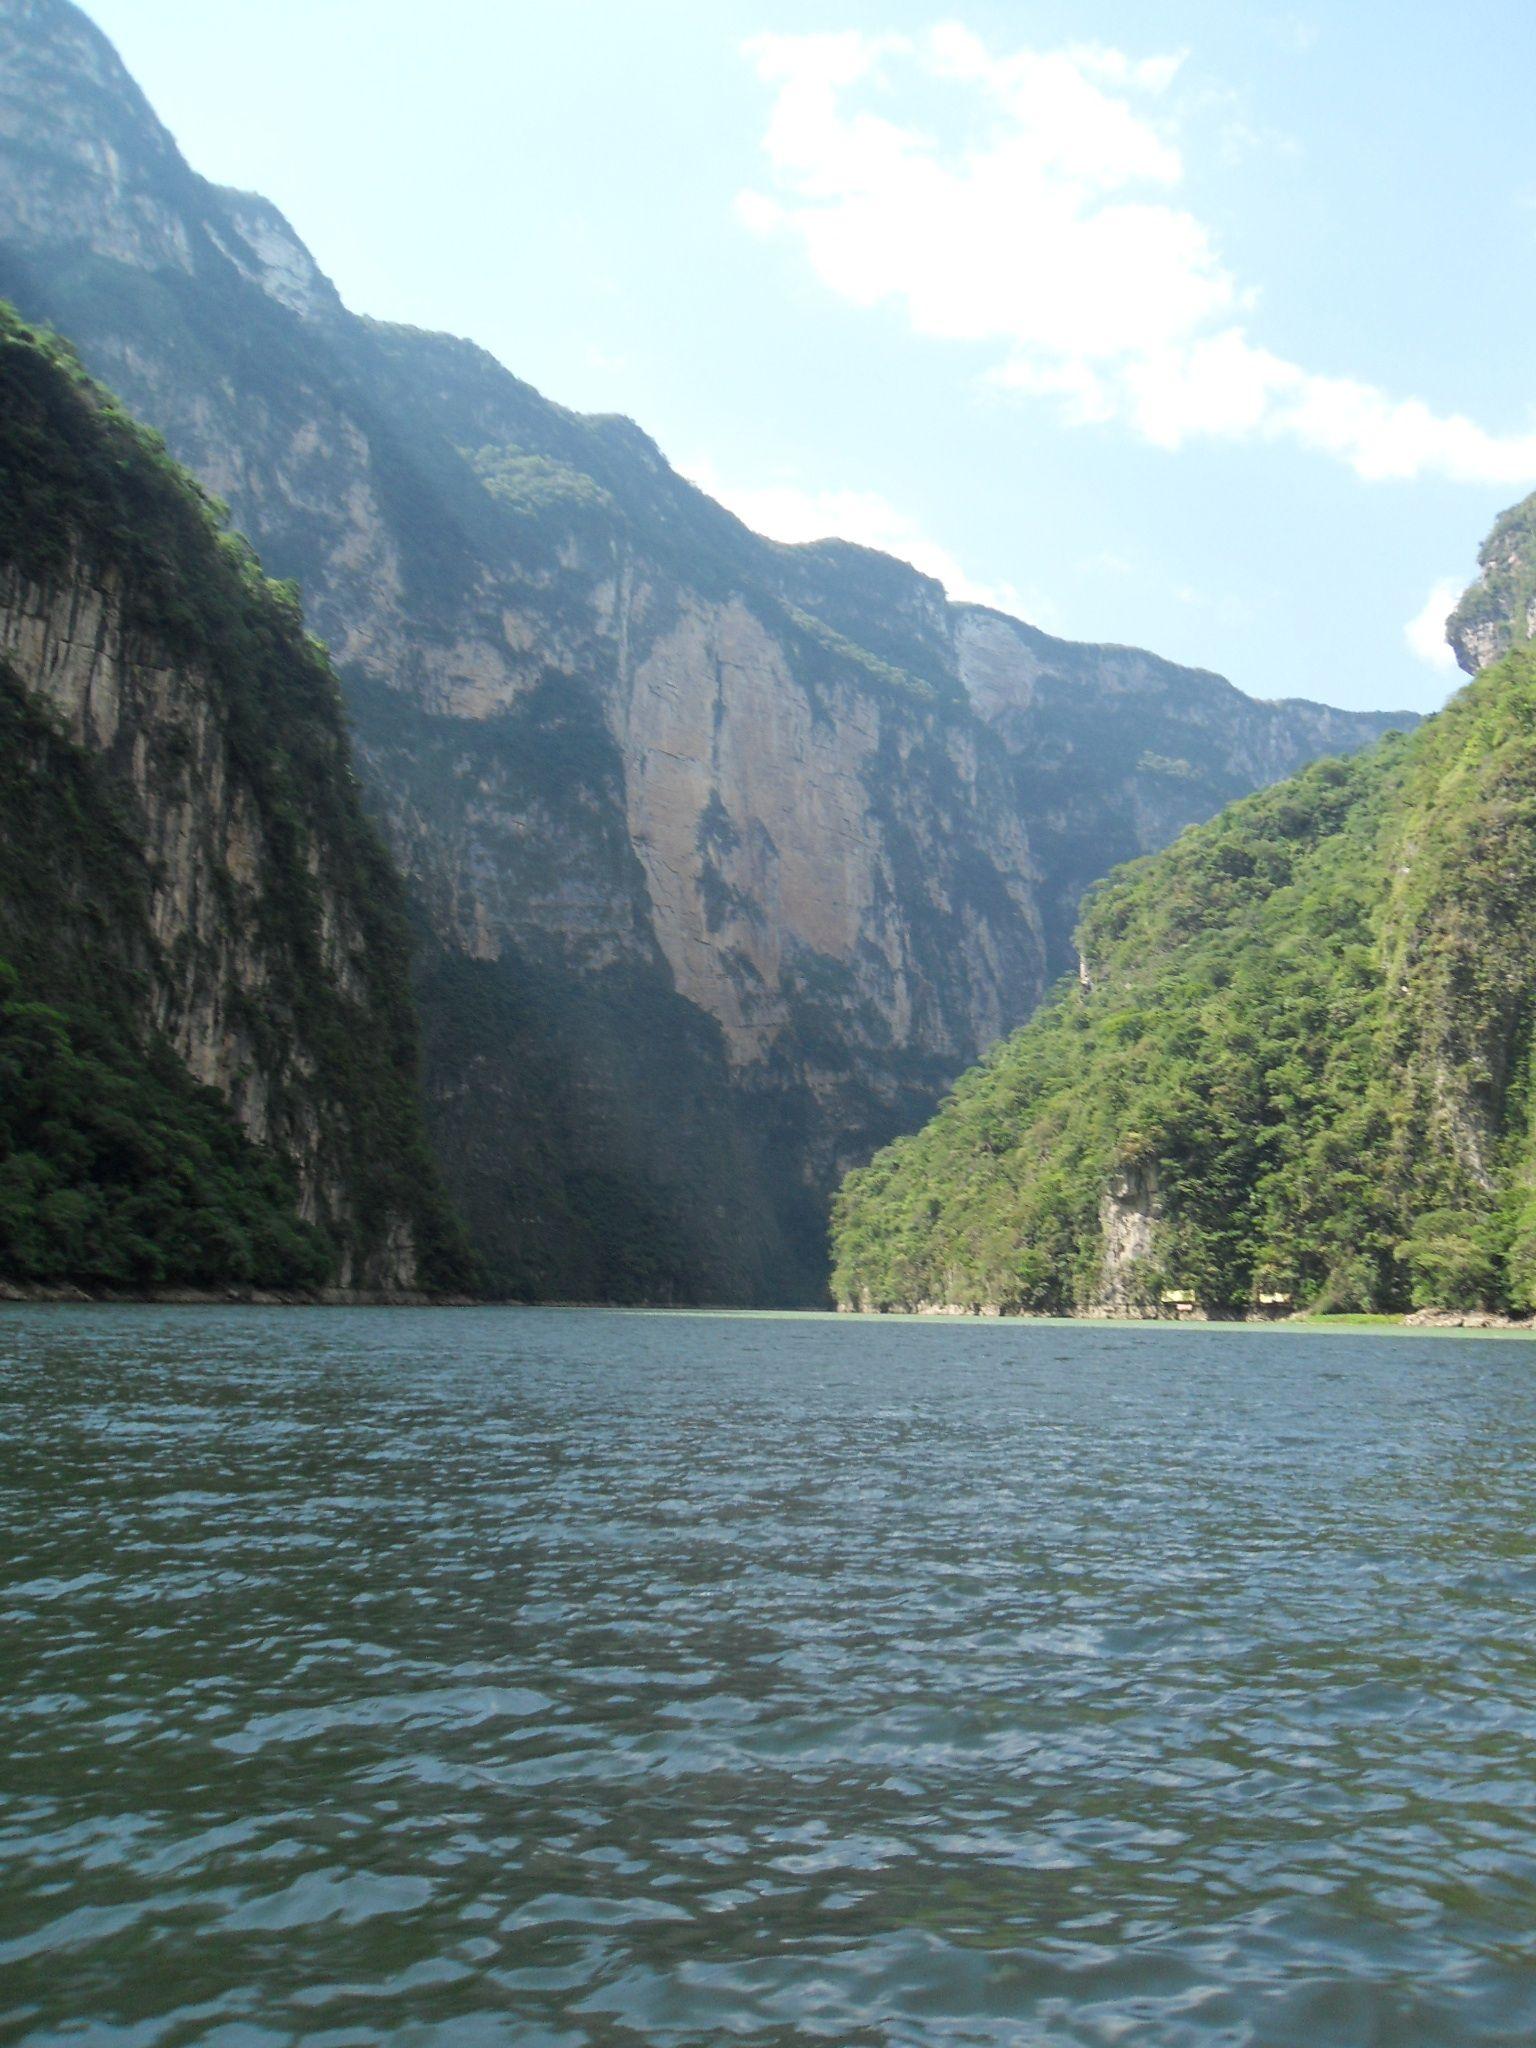 Cañón del Sumidero, Chiapas, MEXICO.